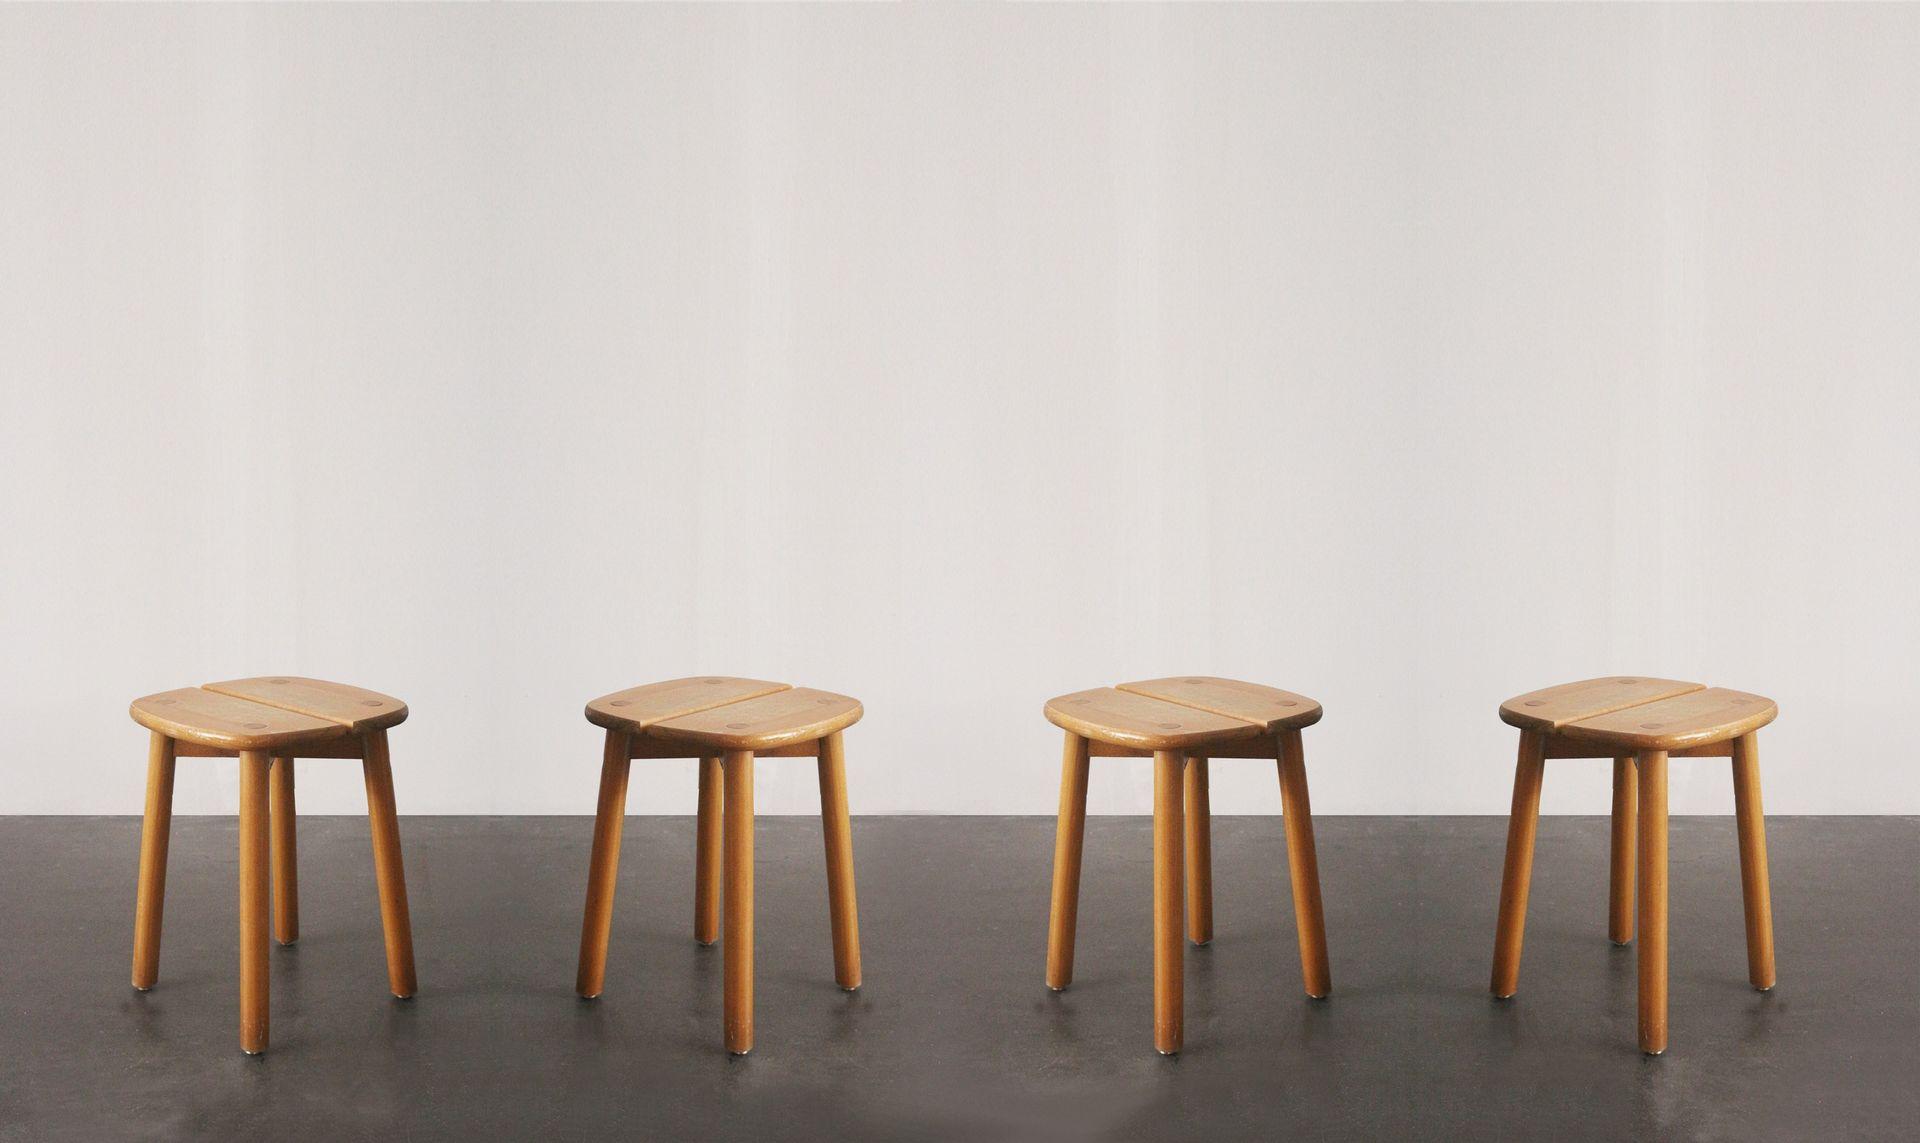 table de chevet gautier elegant table chevet enfant table de chevet gautier with table de. Black Bedroom Furniture Sets. Home Design Ideas